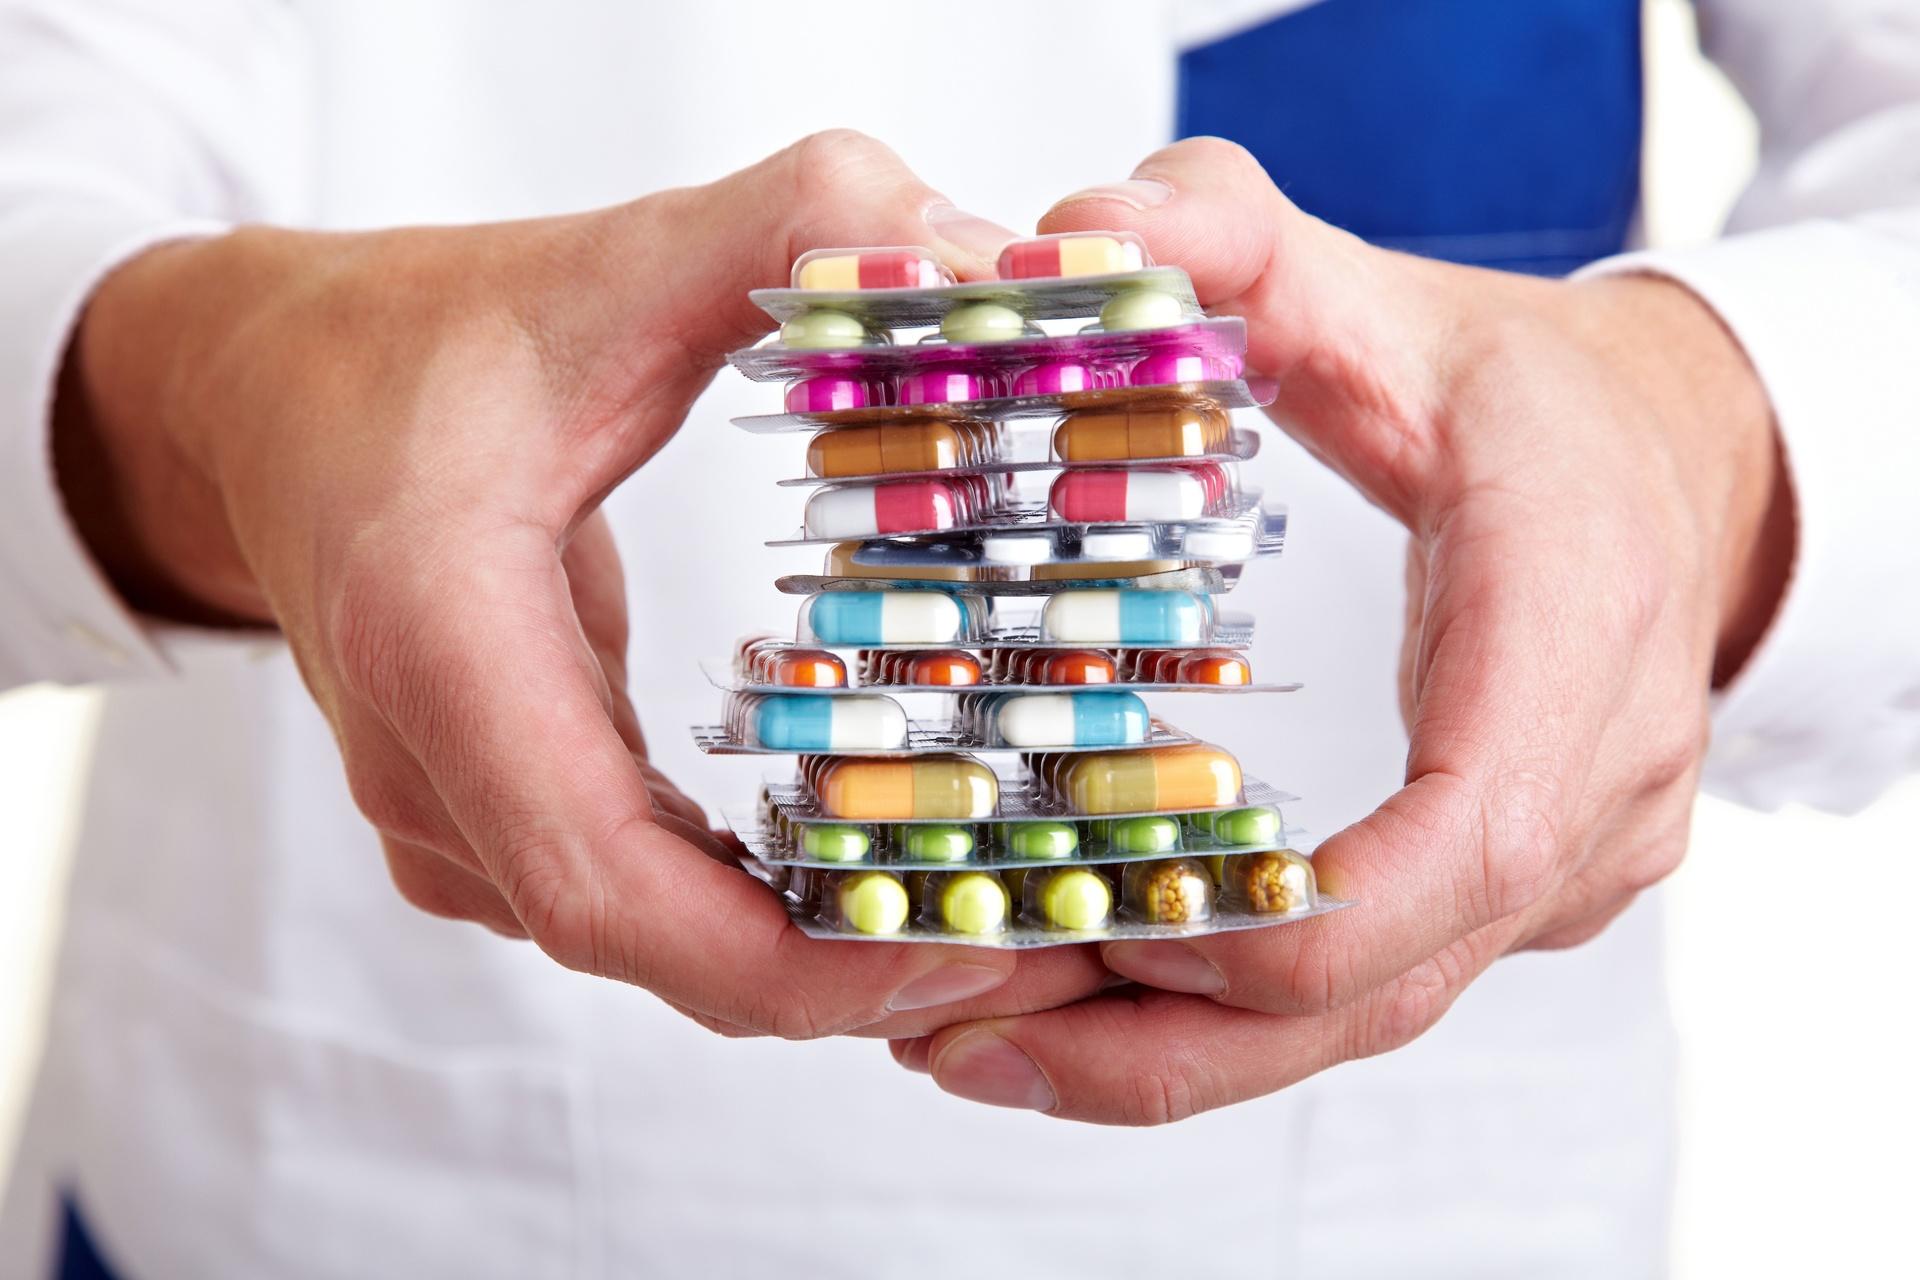 Mua thuốc tăng cân tại Hải Phòng nơi nào tốt nhất?